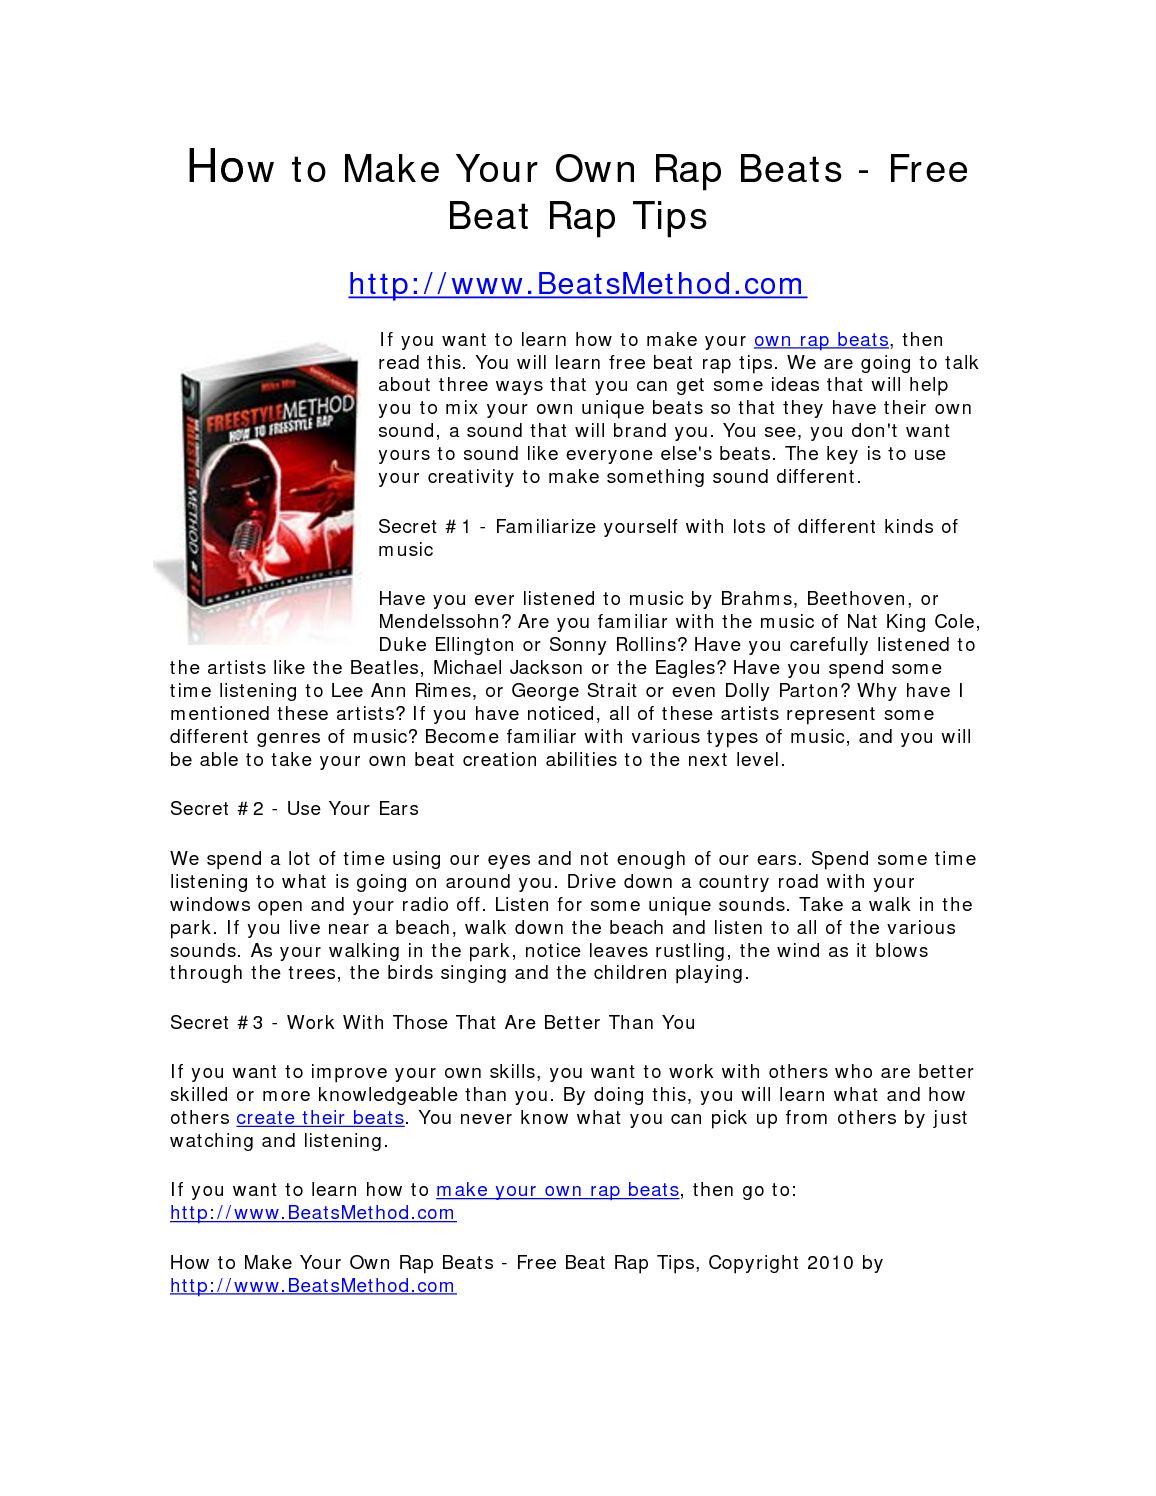 Calaméo - How to Make Your Own Rap Beats - Free Beat Rap Tips